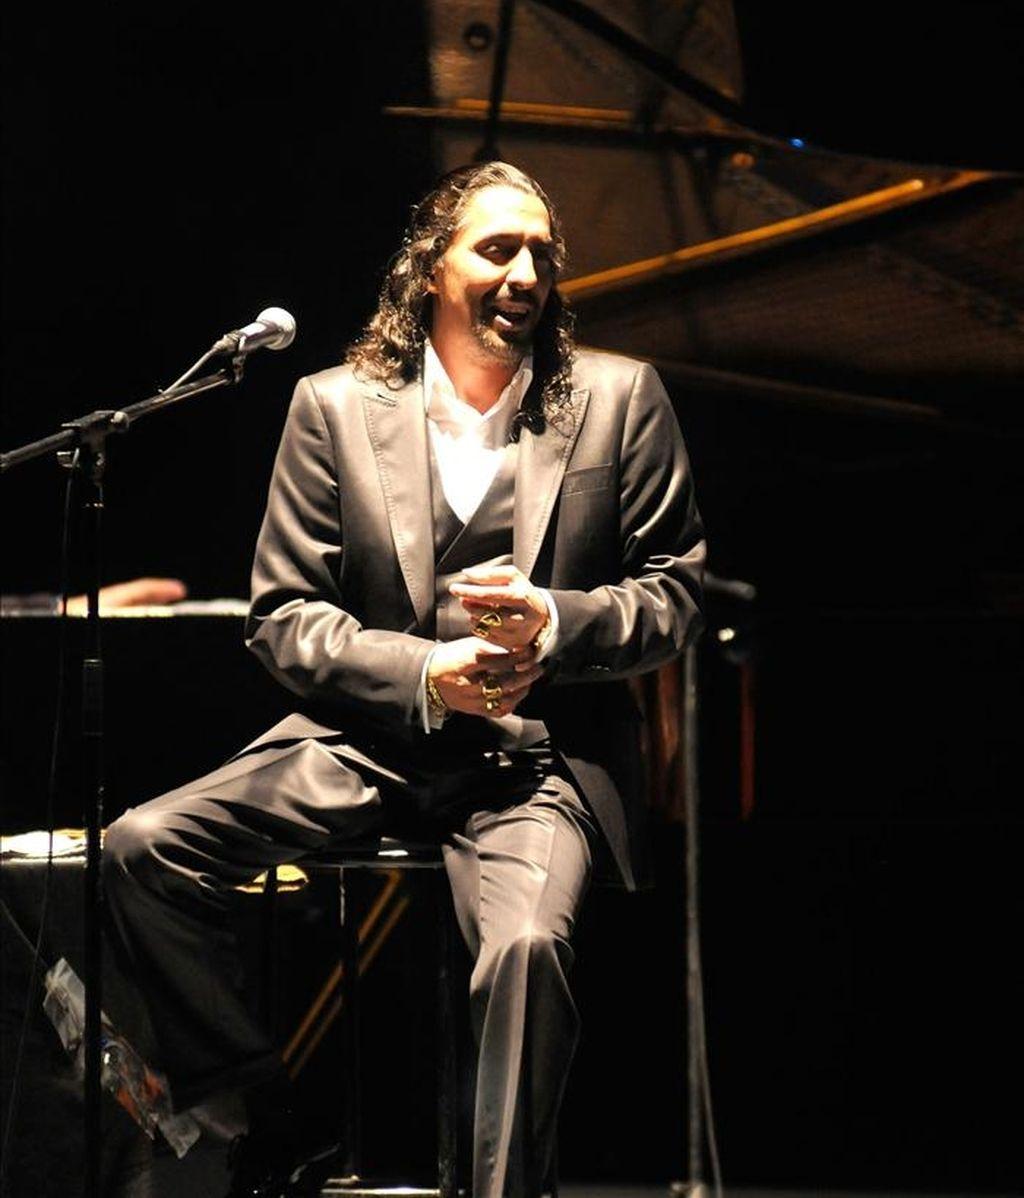 """""""Hay temas que siguen en el corazoncito. Vamos a recordarlos con ustedes"""", señaló el Cigala para sumergirse en """"Corazón loco"""", una canción del disco que le dio fama mundial, """"Lágrimas negras"""" (2003). EFE/Archivo"""